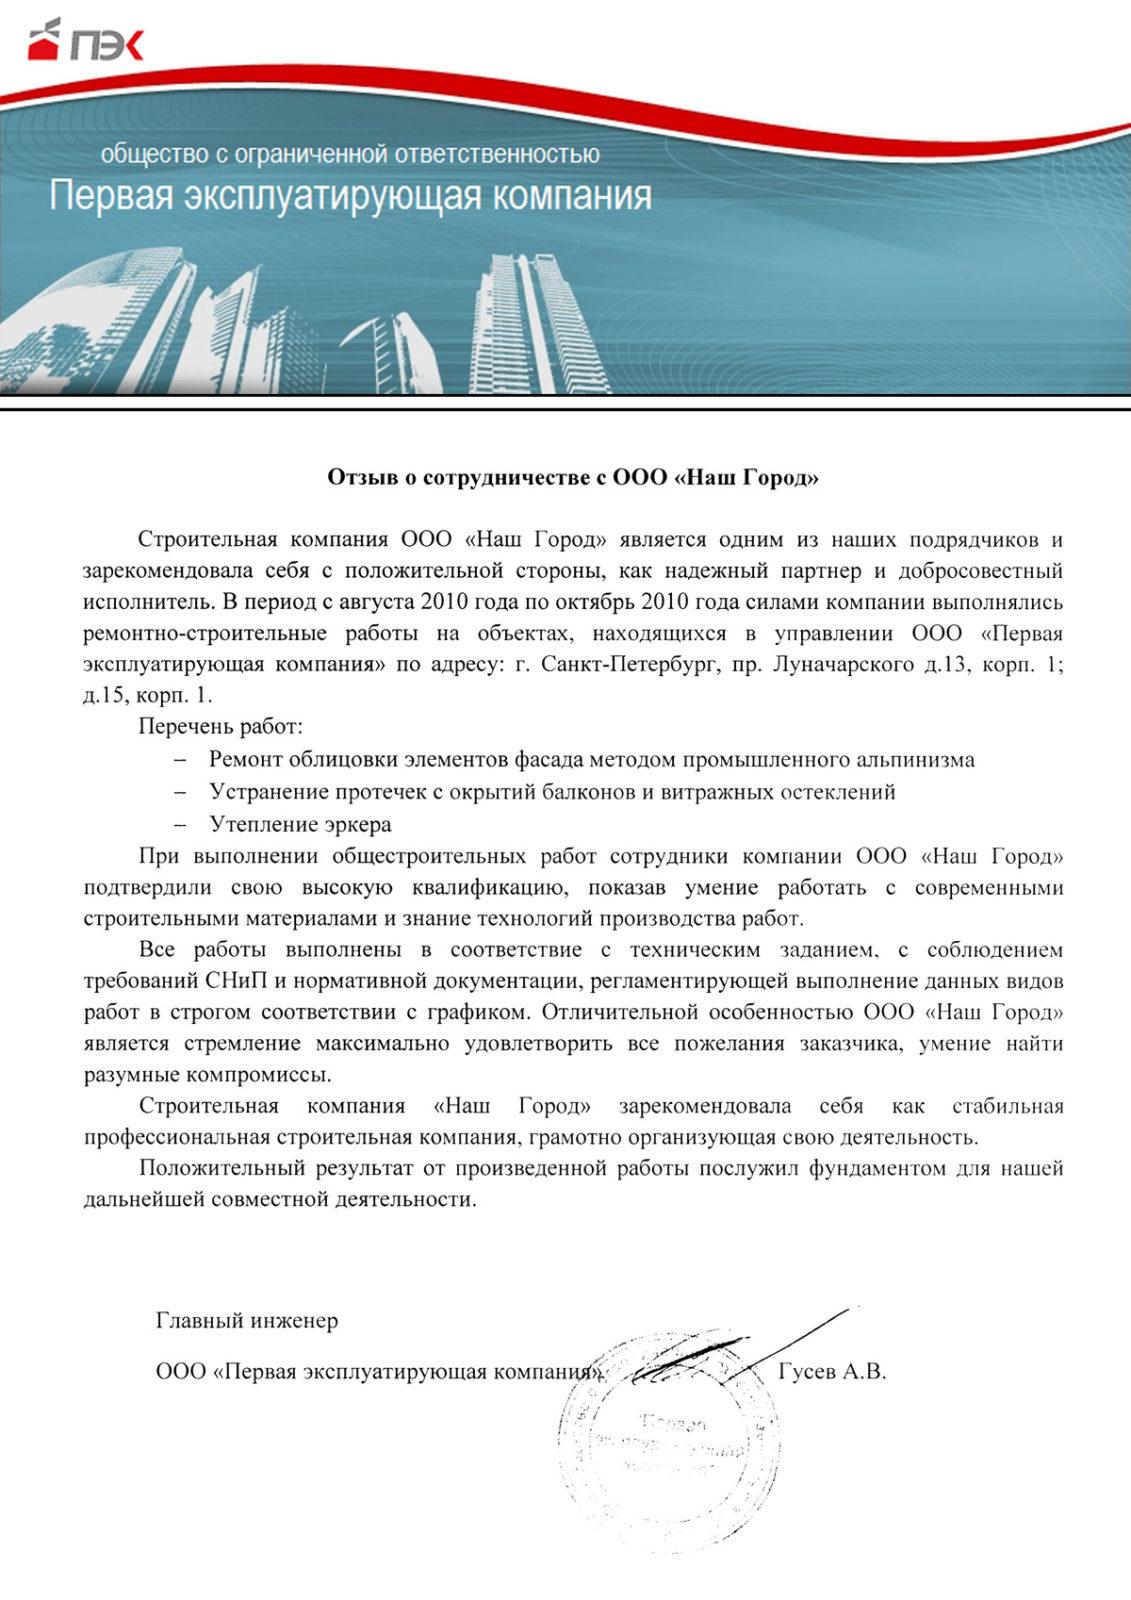 """Отзыв """"ПЭК"""" о работе ООО """"Наш город"""""""